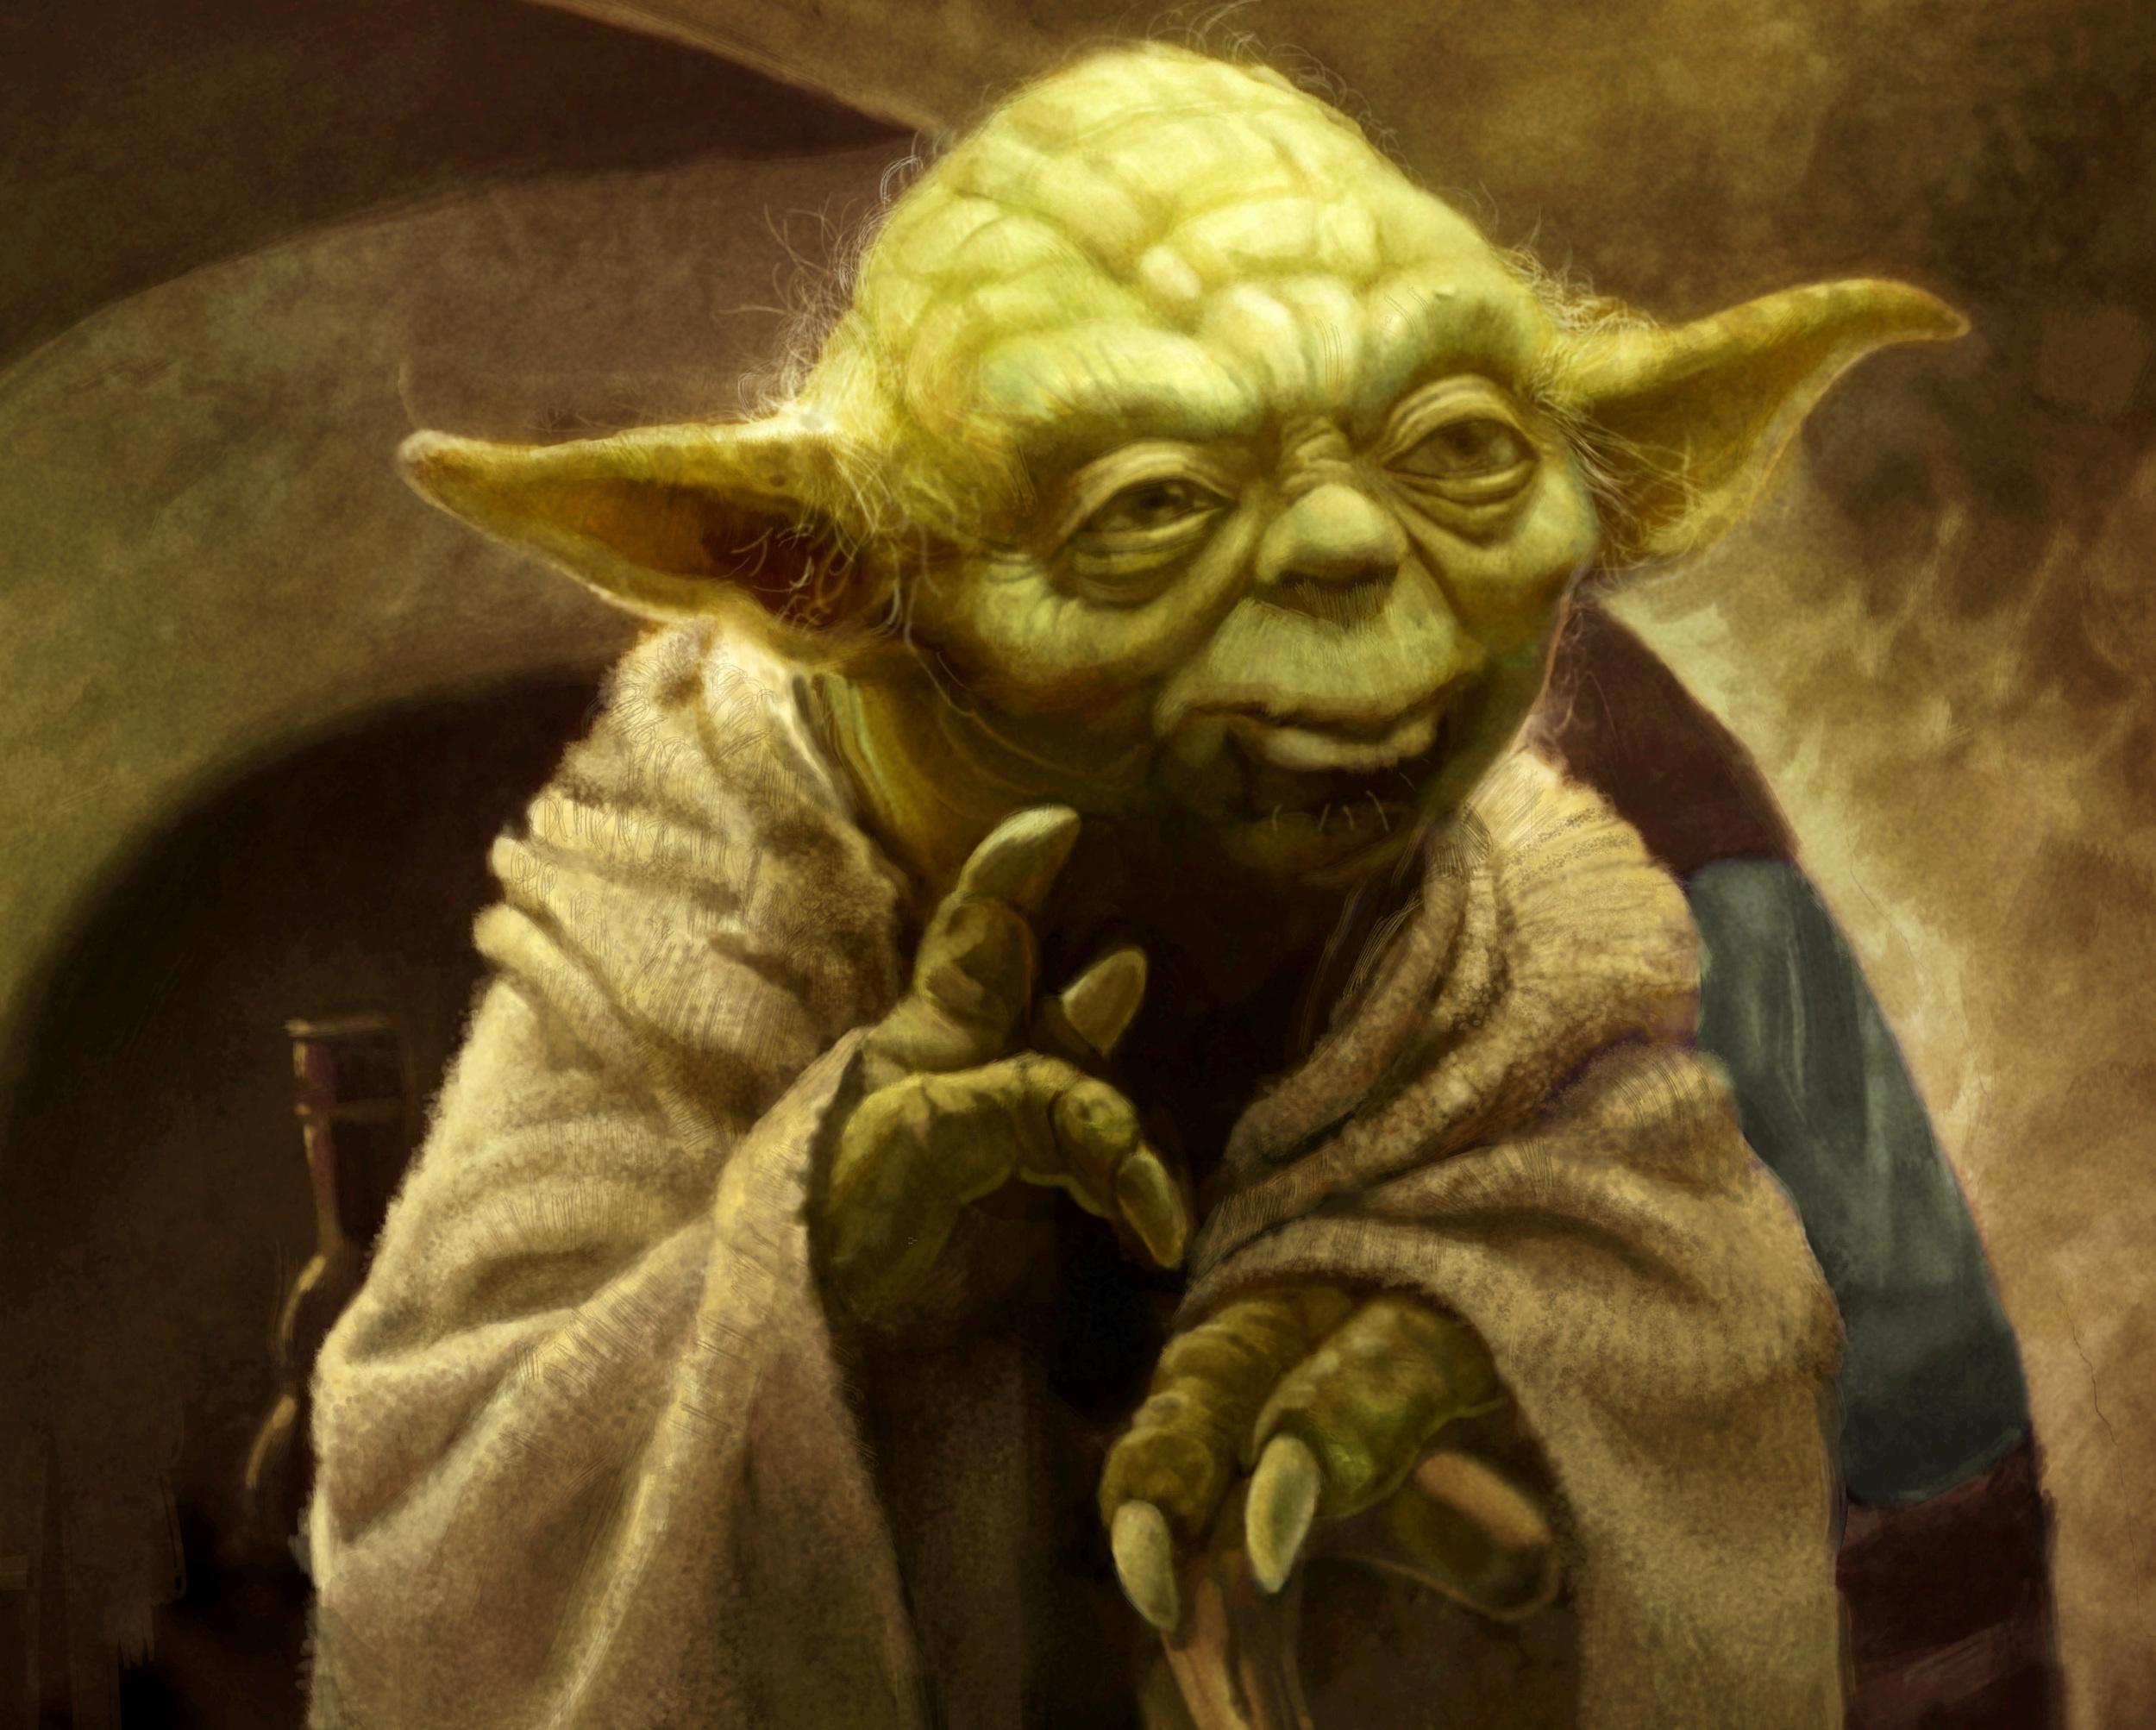 Yoda_SWG_by_Steven_Ekholm.JPG